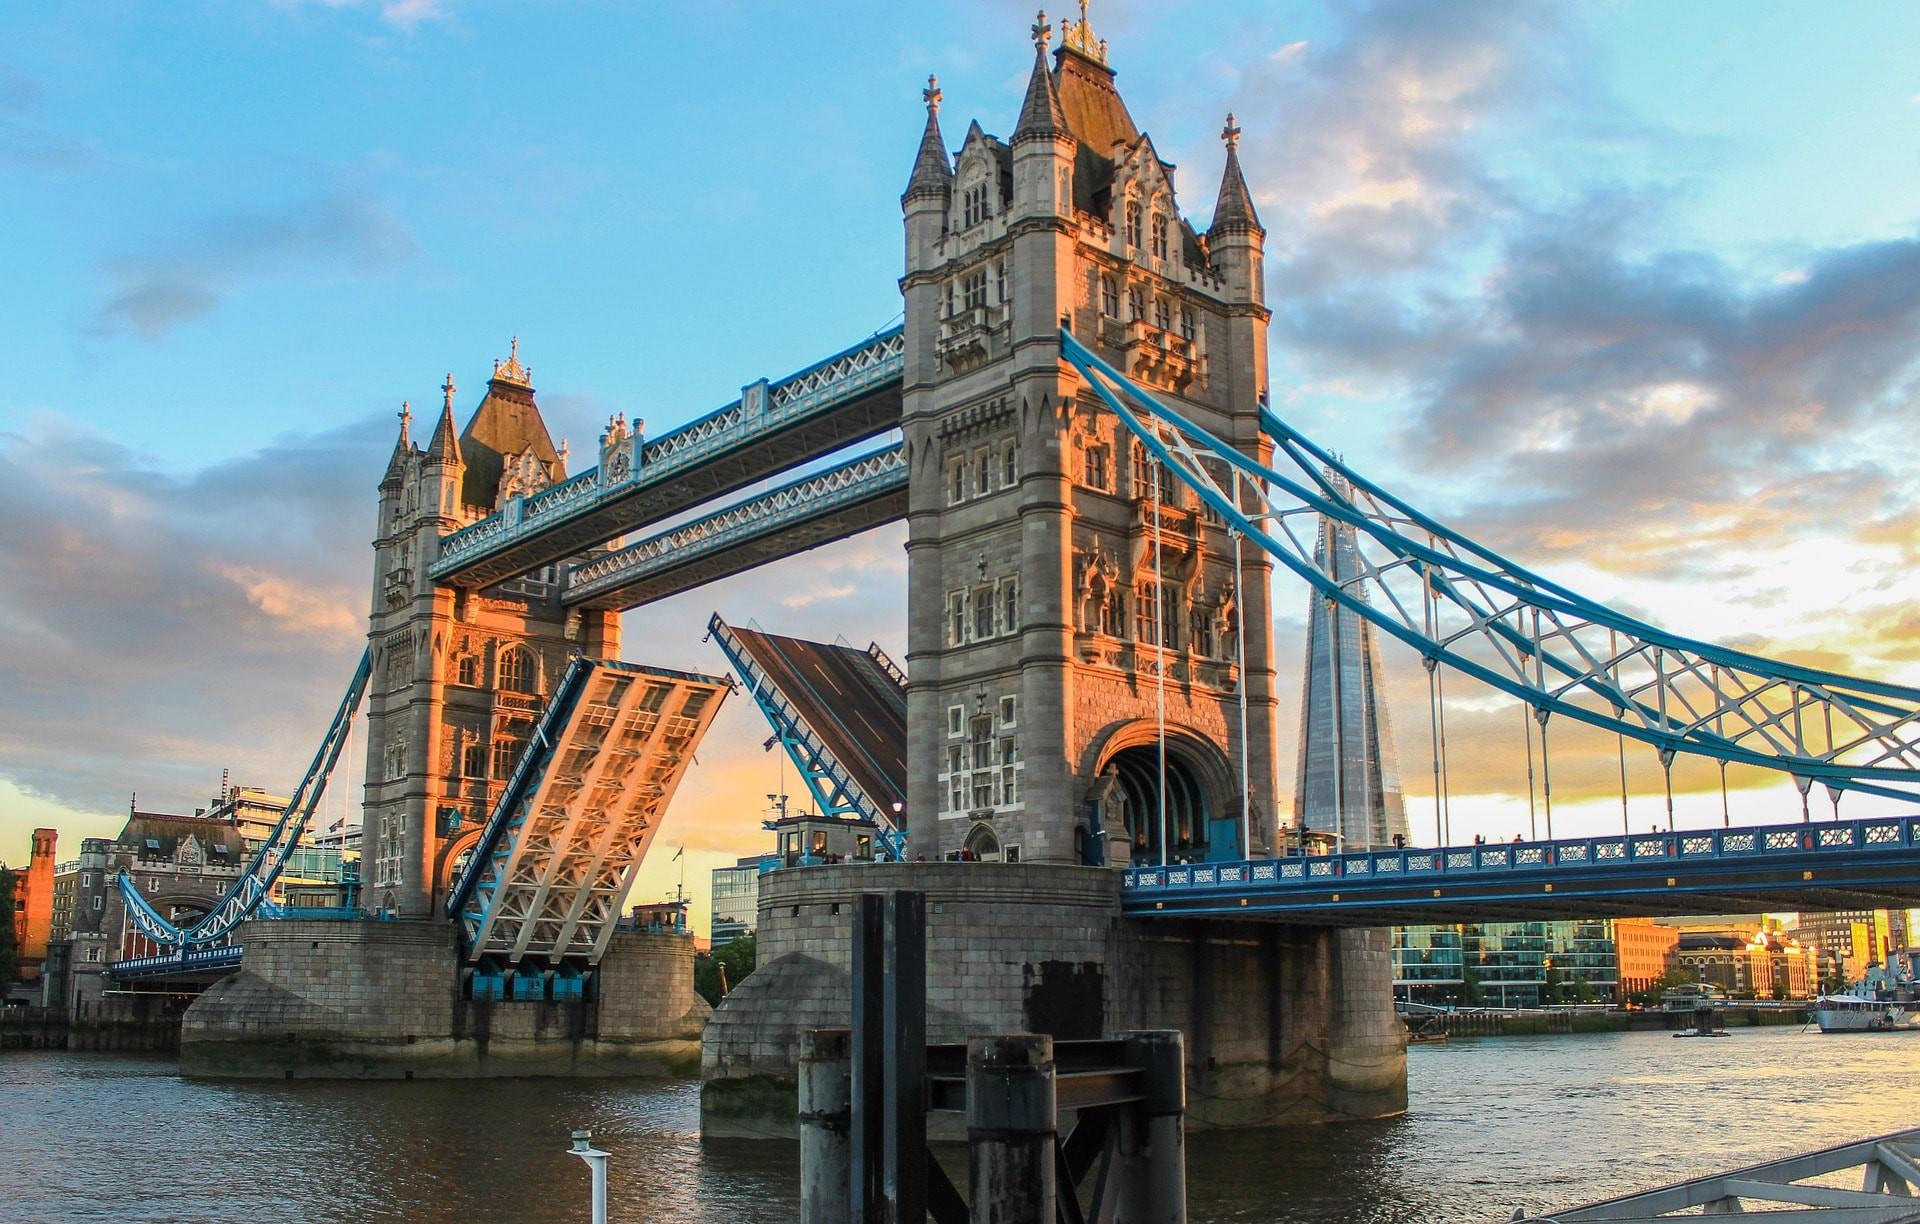 Katso muita ideoita: Englanti,Lontoo ja Vanhat matkailujulisteet.